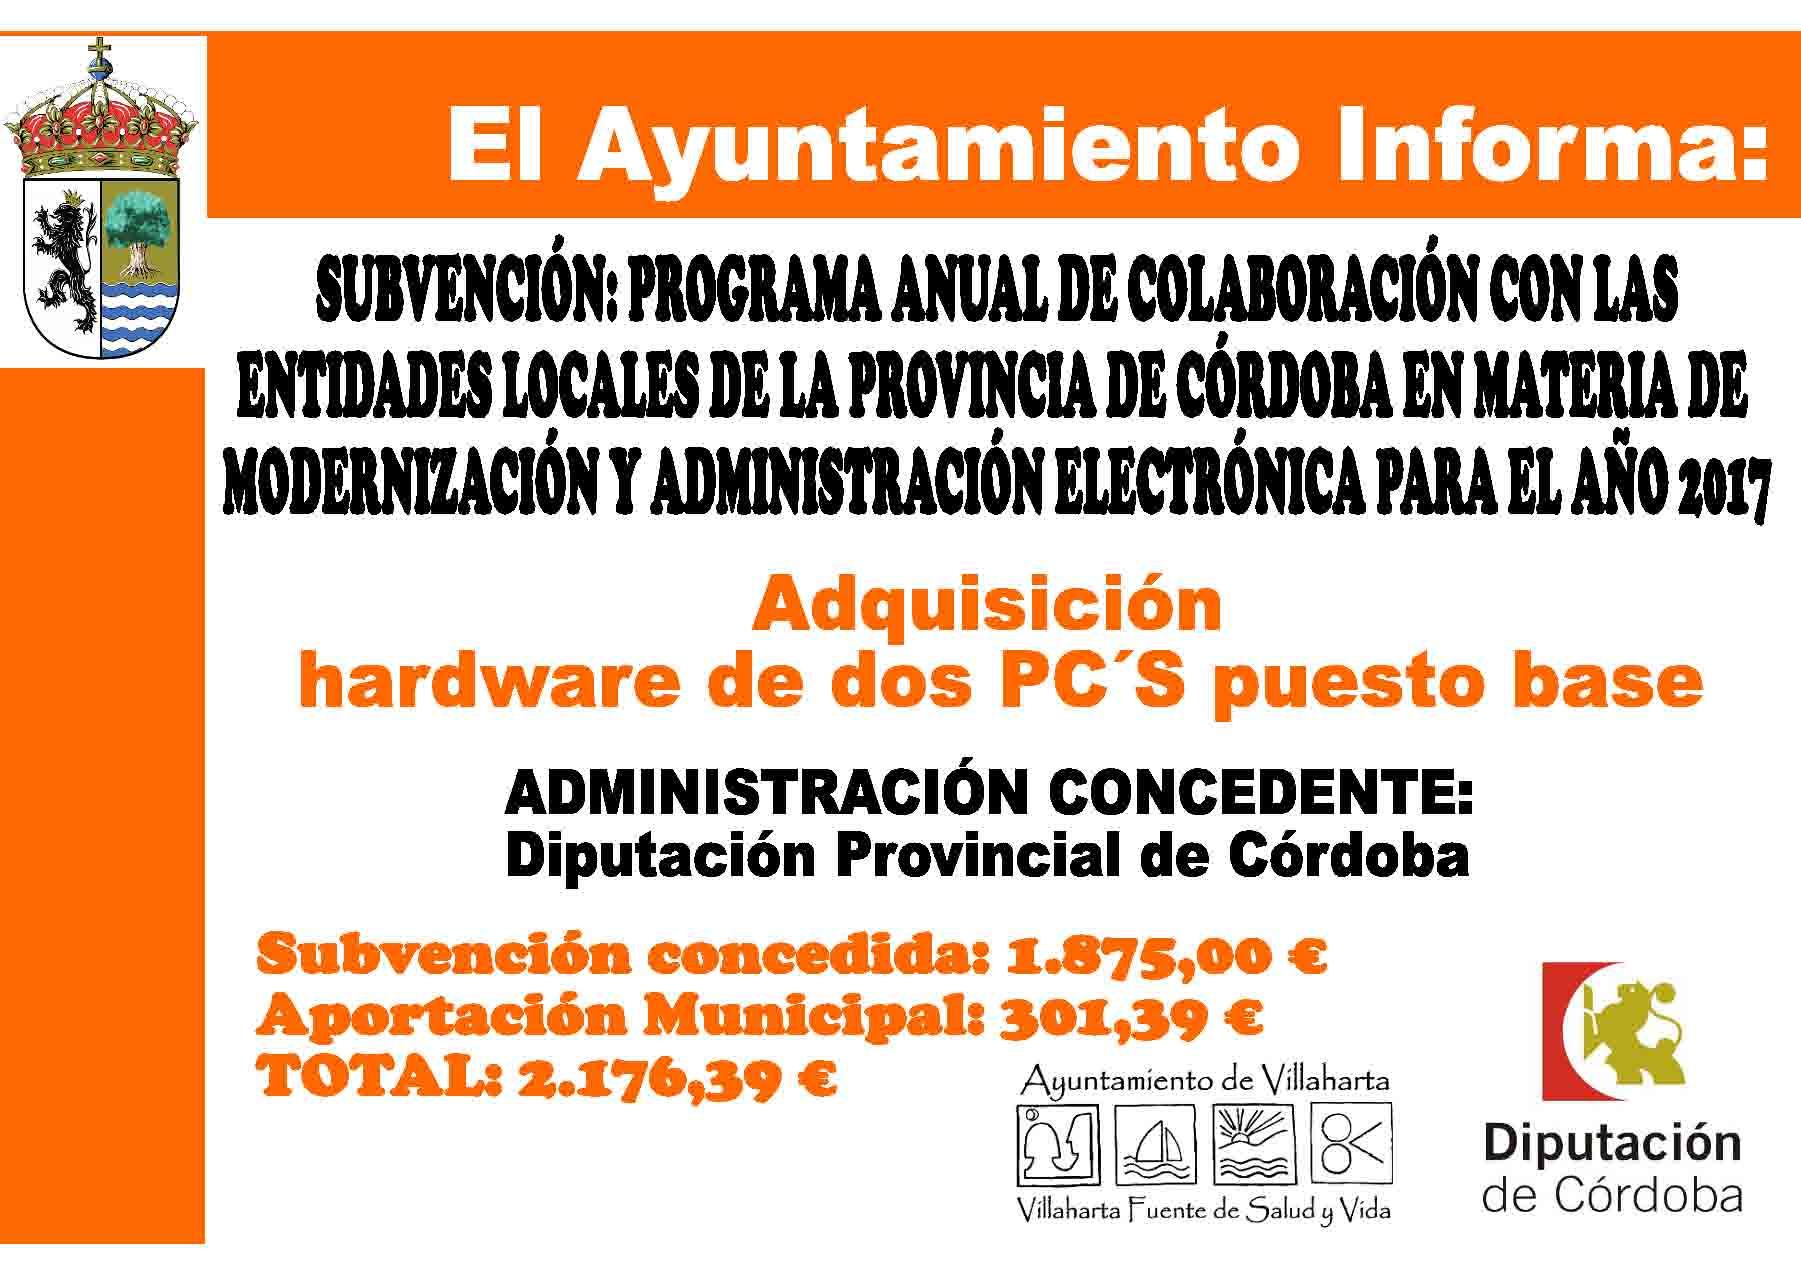 SUBVENCIONES RECIBIDAS. 2017 21